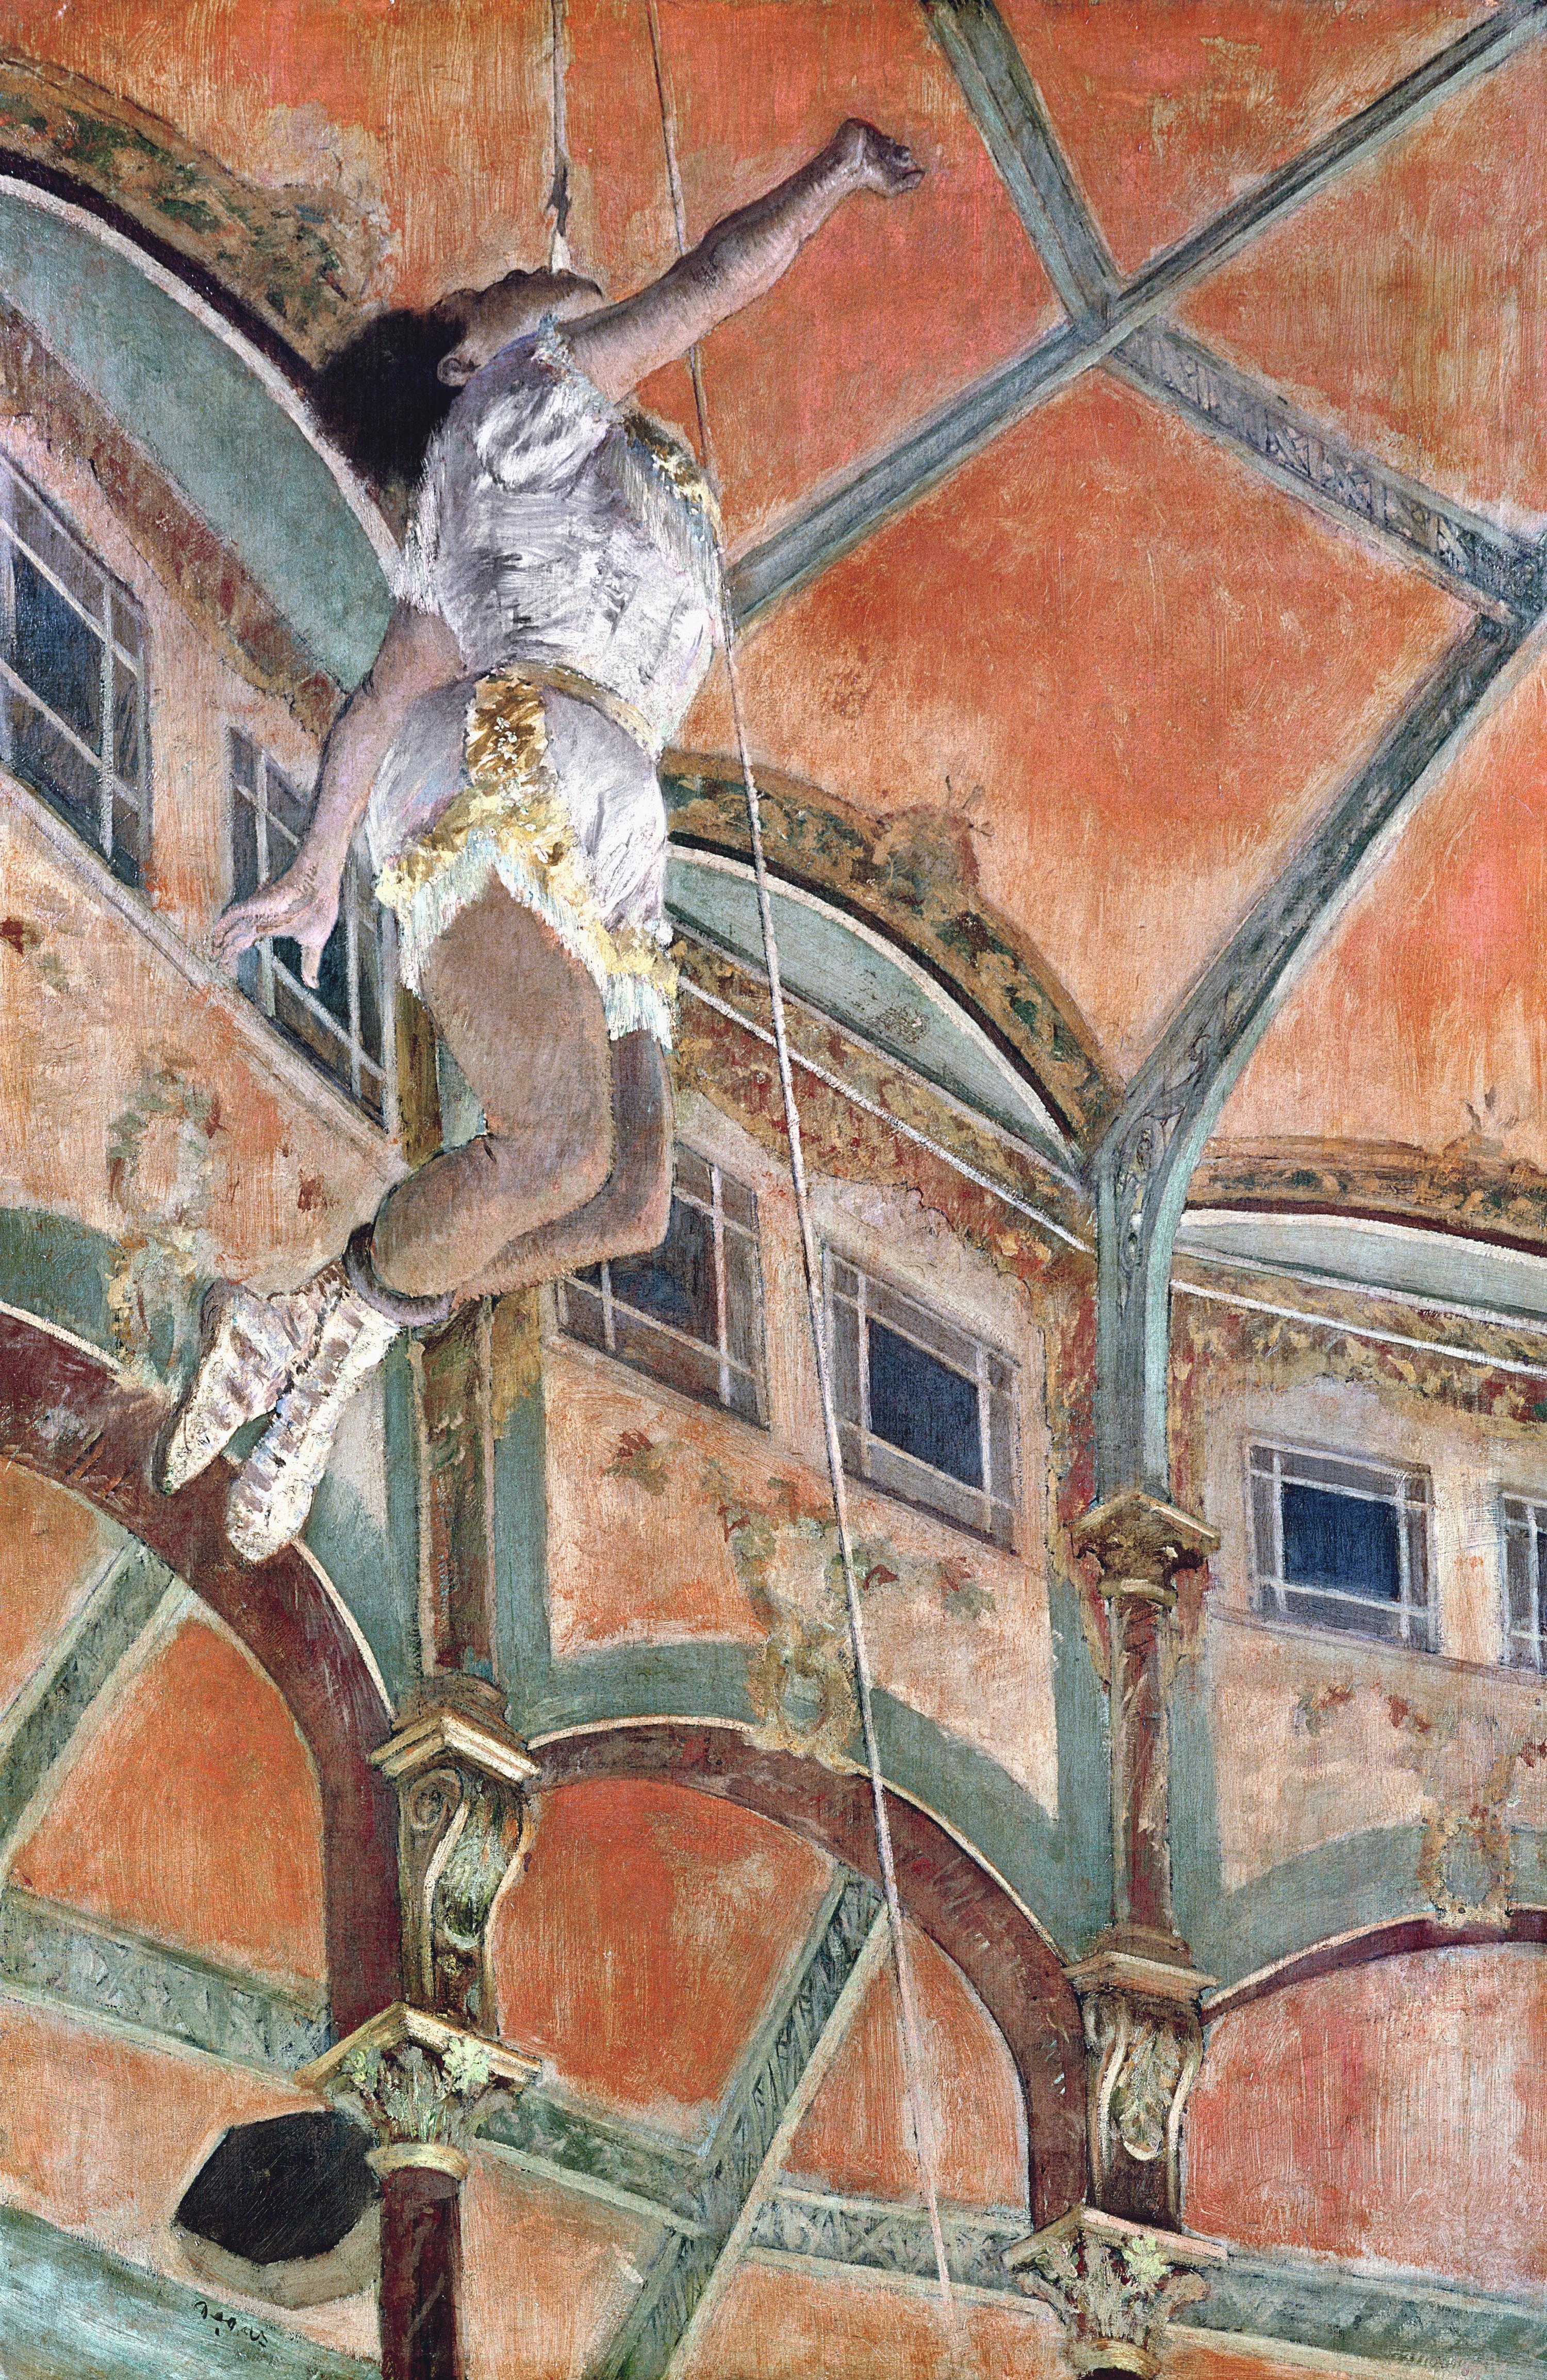 Mademoiselle Lala au cirque Fernando, Edgar Degas, 1879.